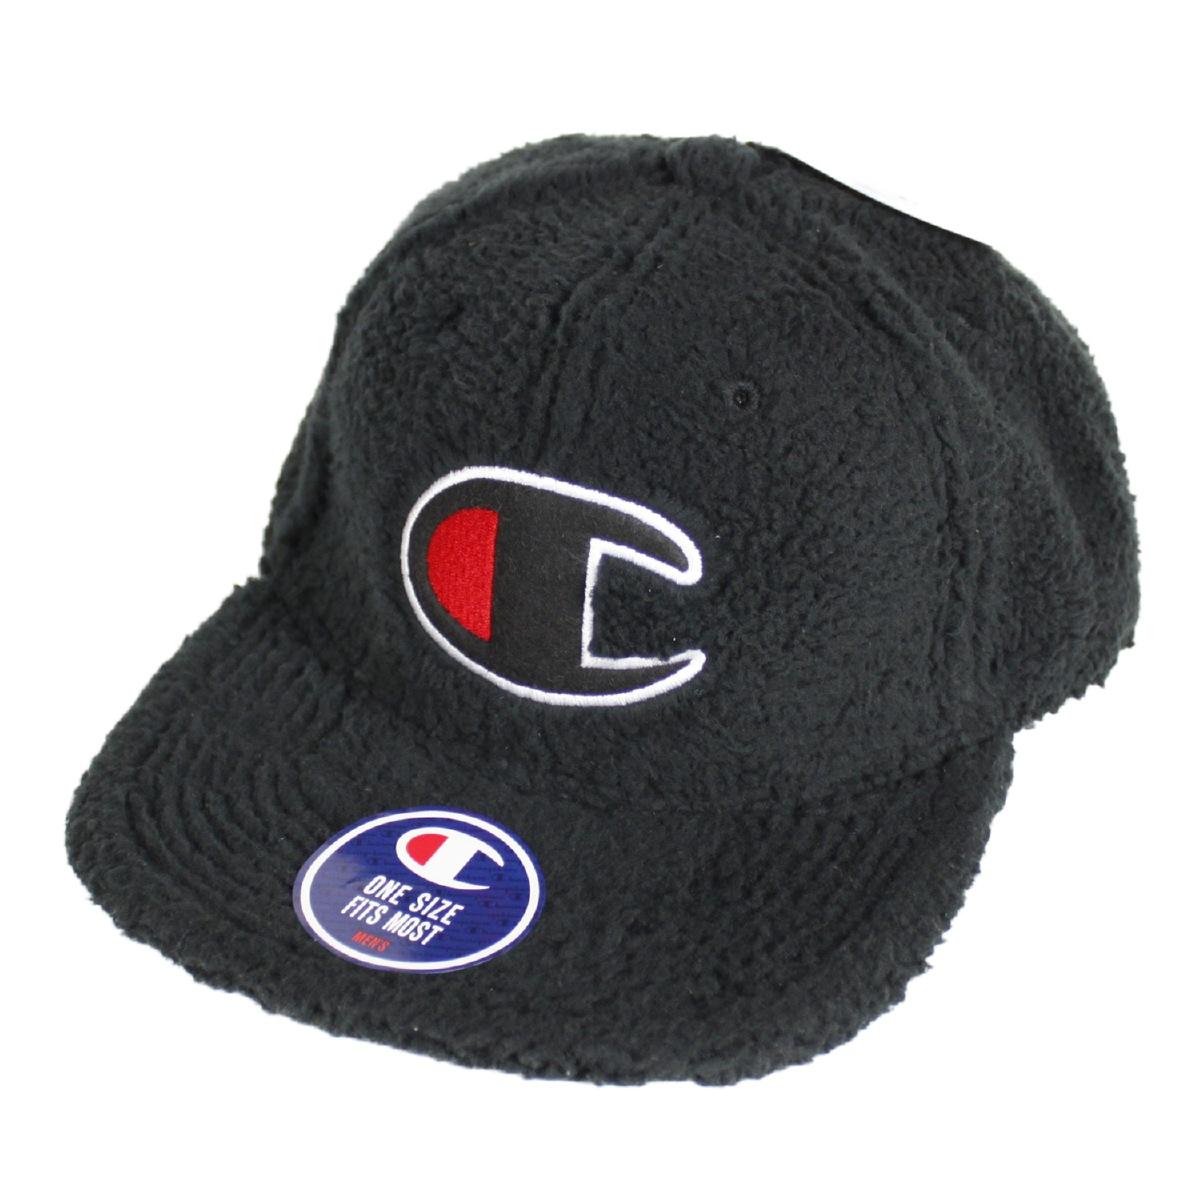 Champion LIFE チャンピオンライフ SHERPA BASEBALL CAP